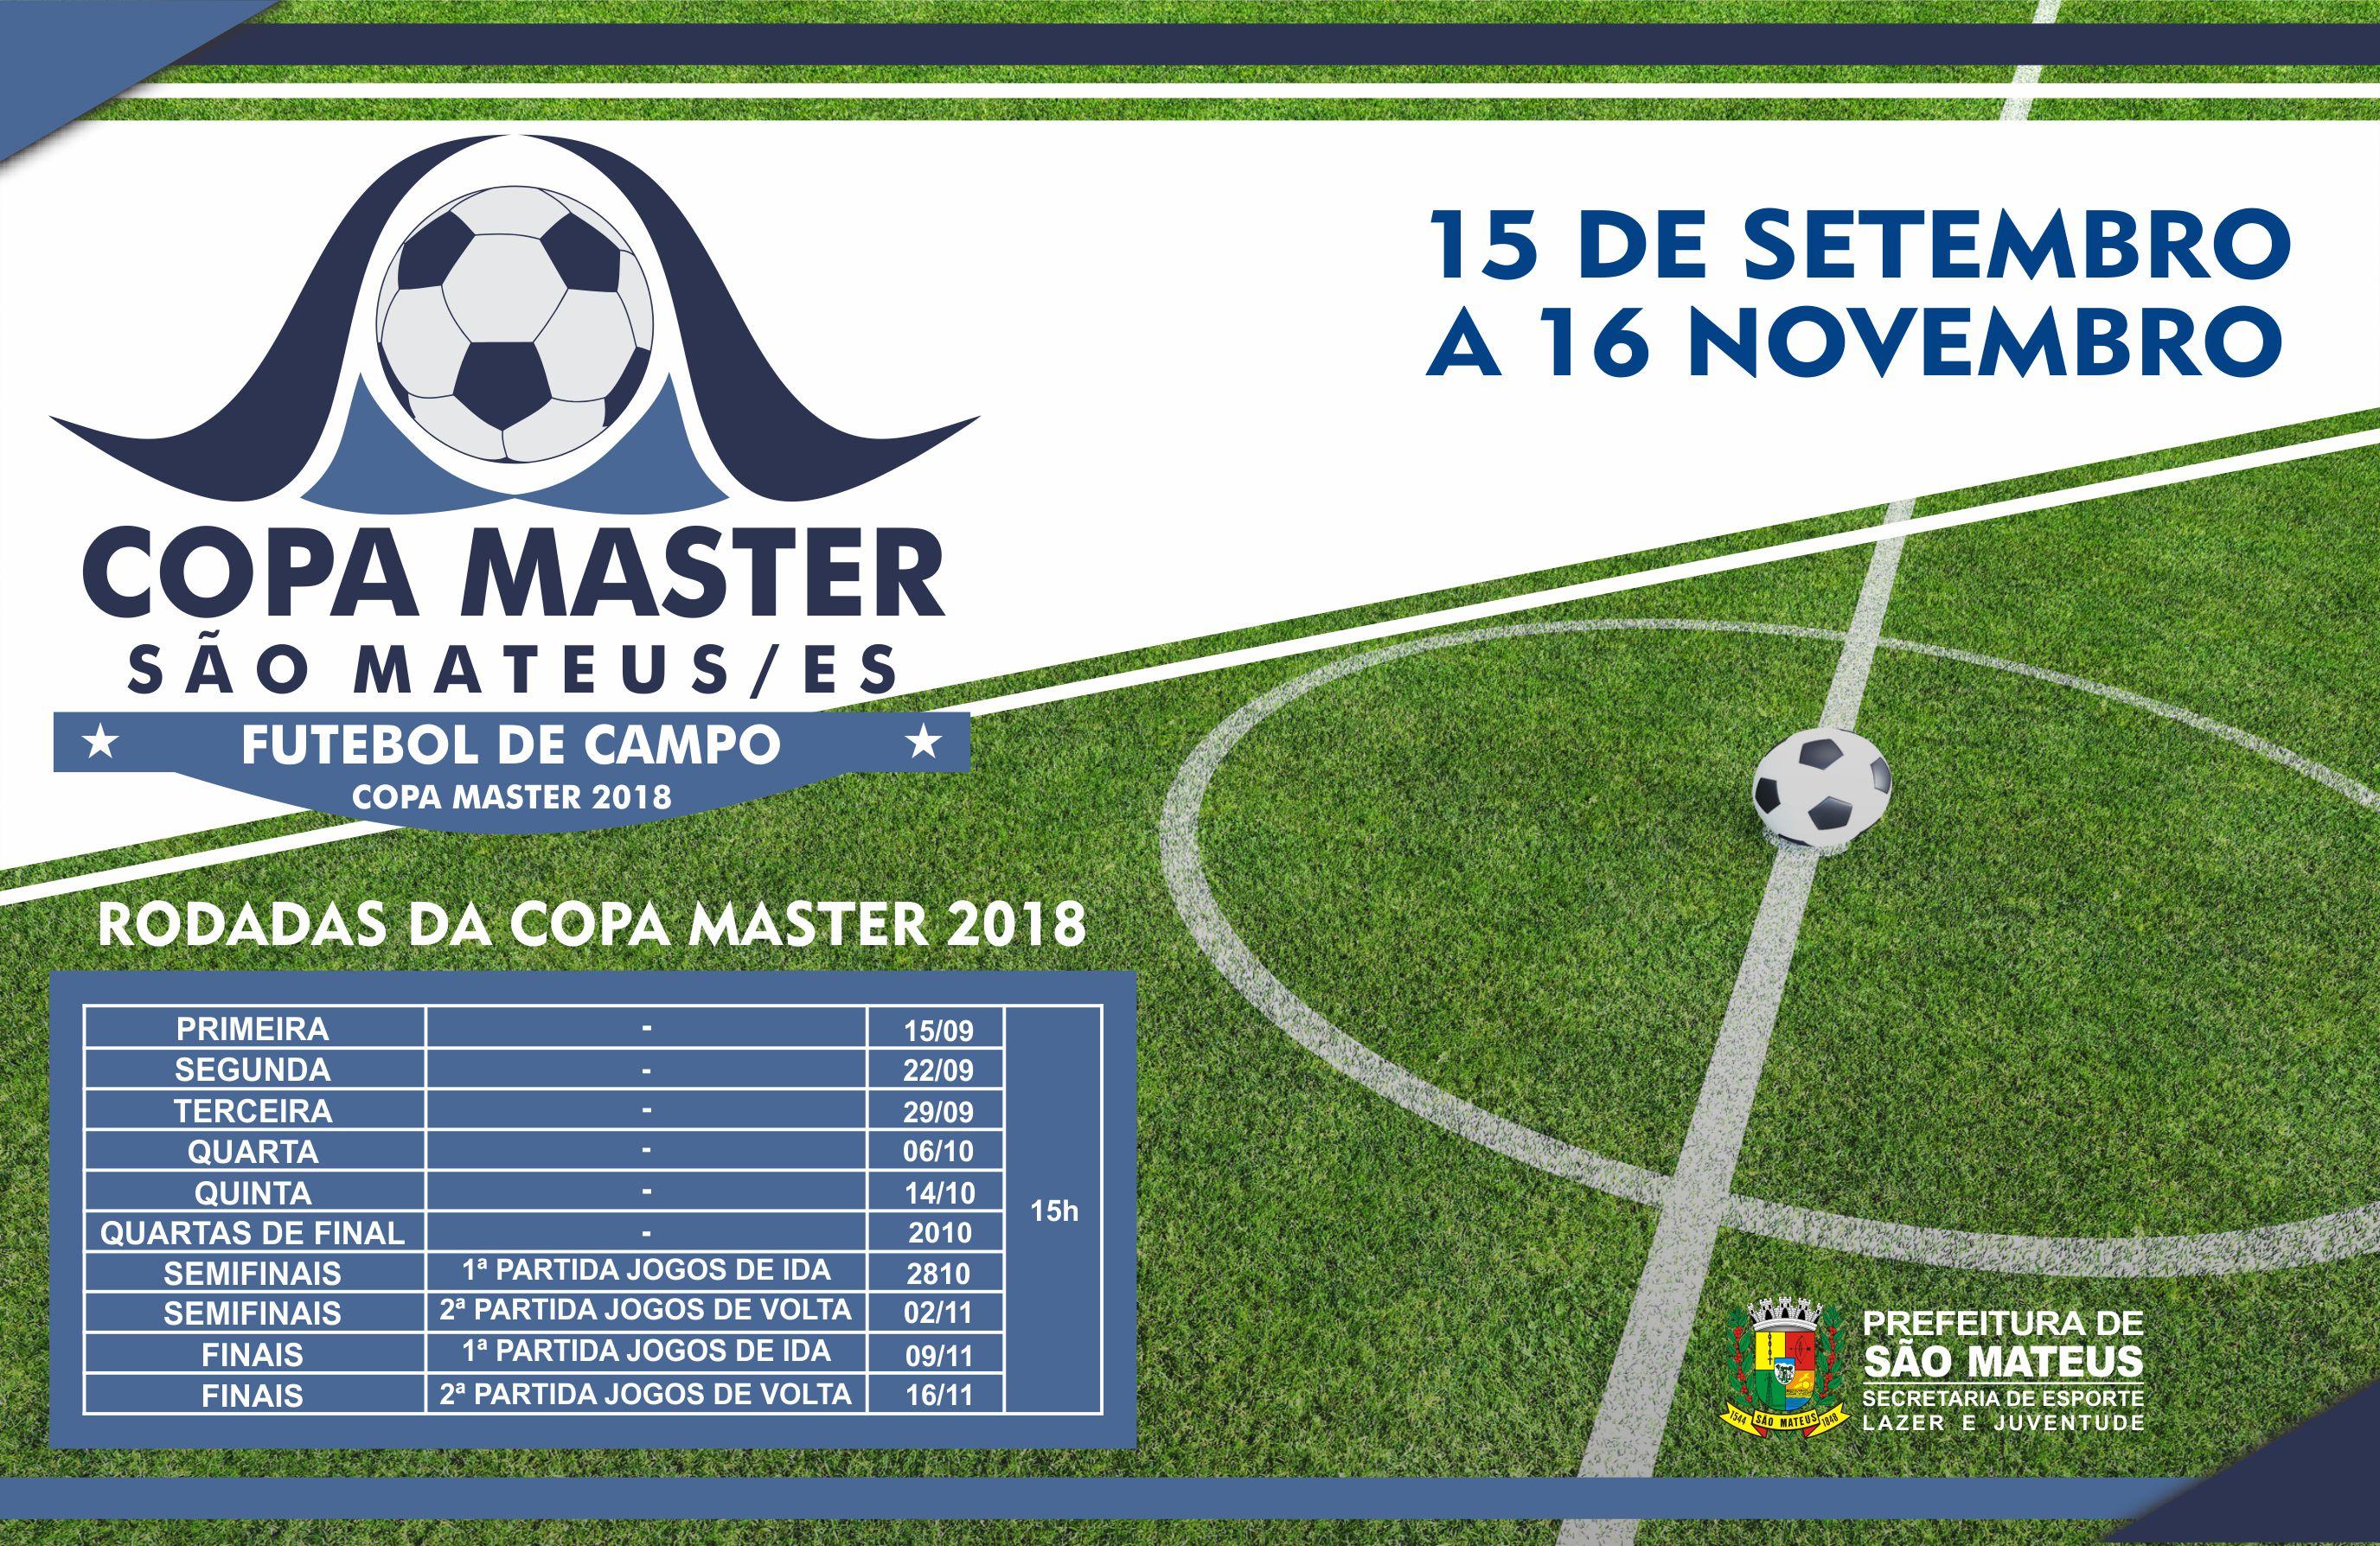 Copa Master 2018